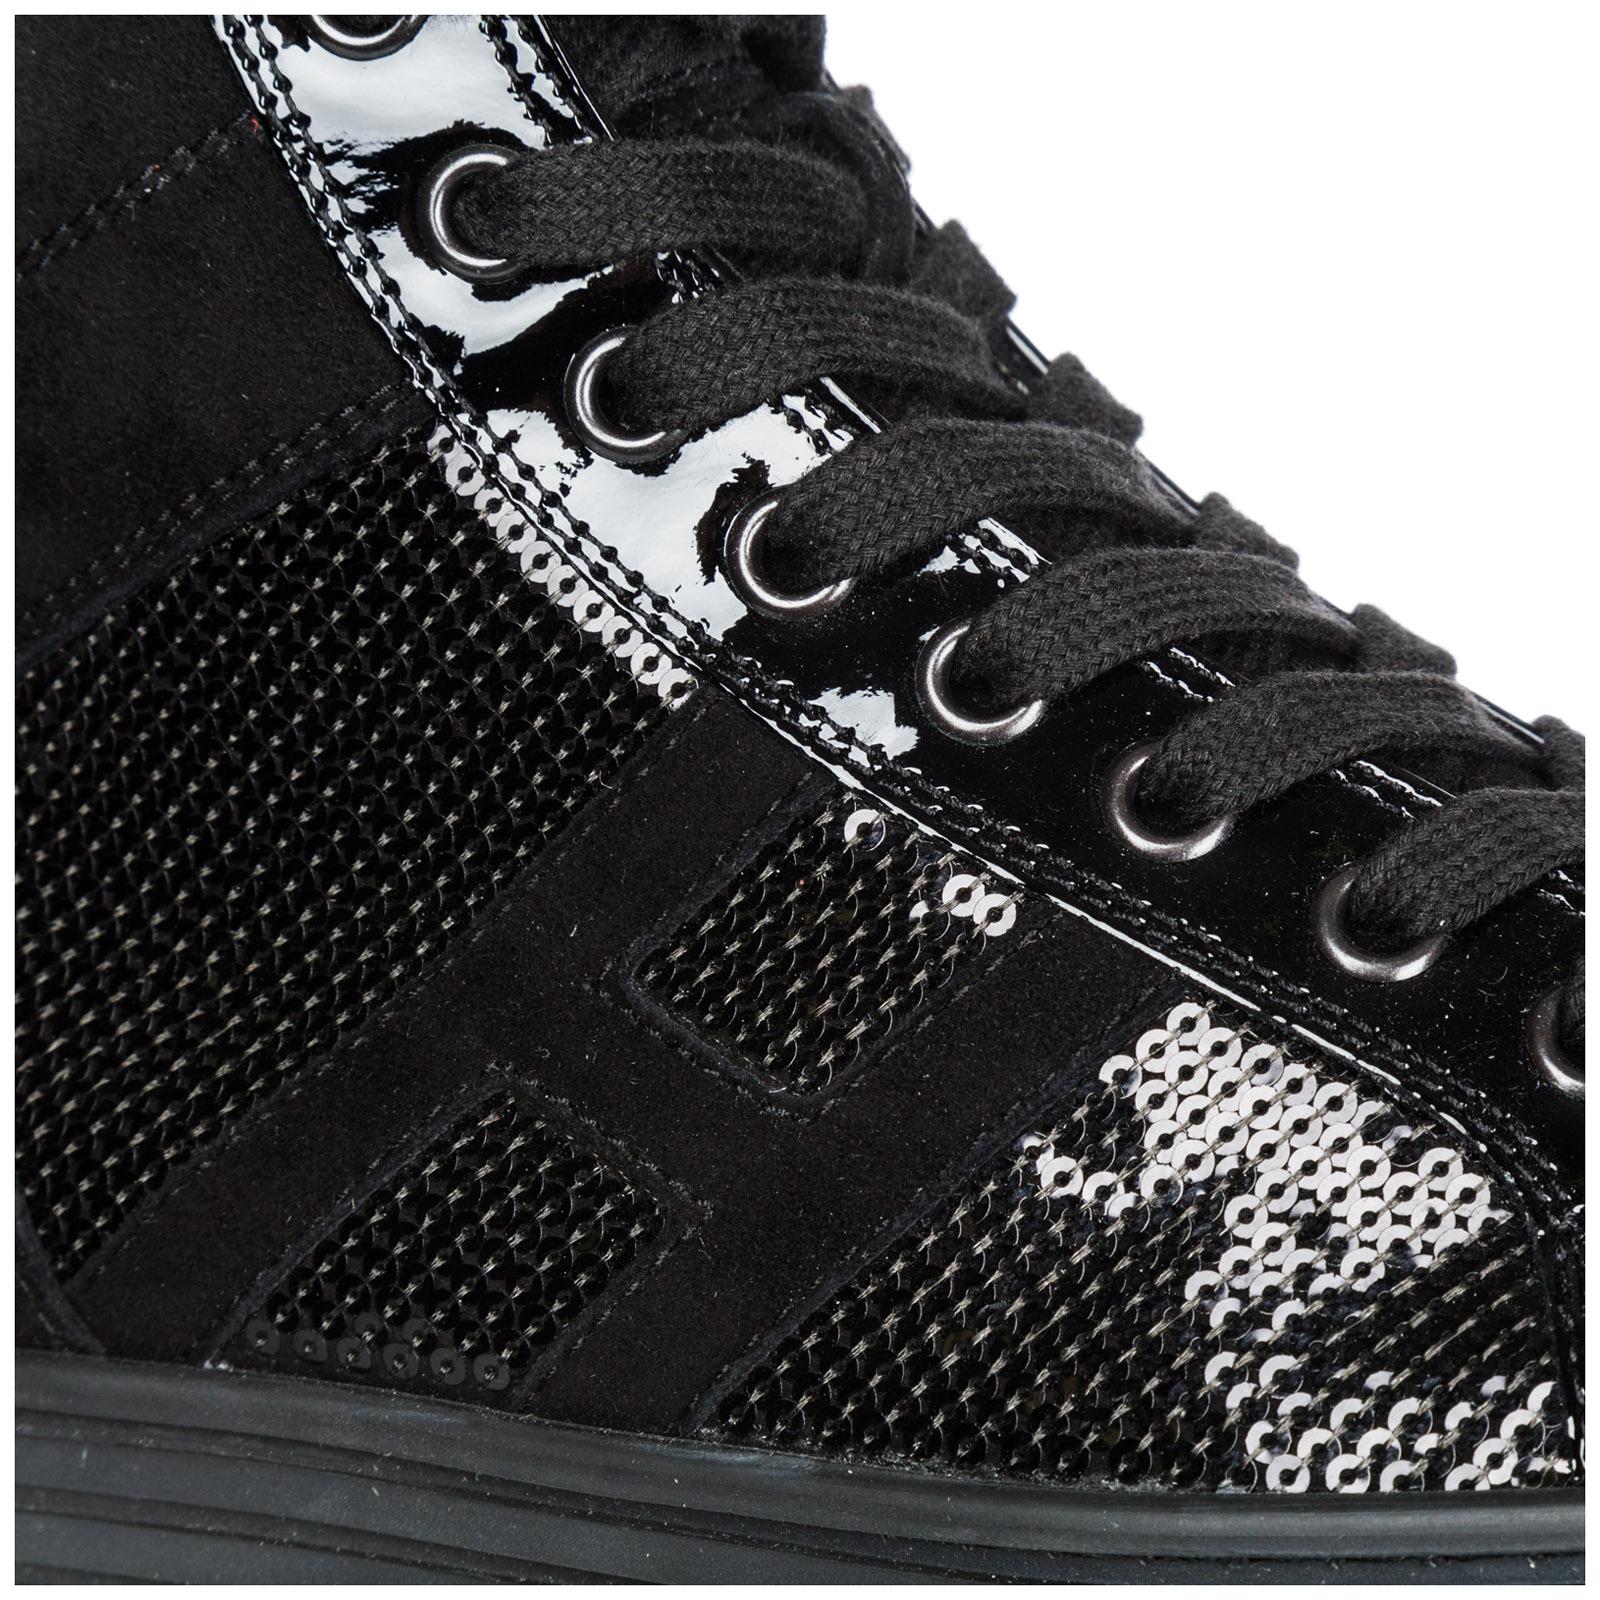 bb339a5093b7 ... Damenschuhe damen wildleder schuhe high sneakers r141